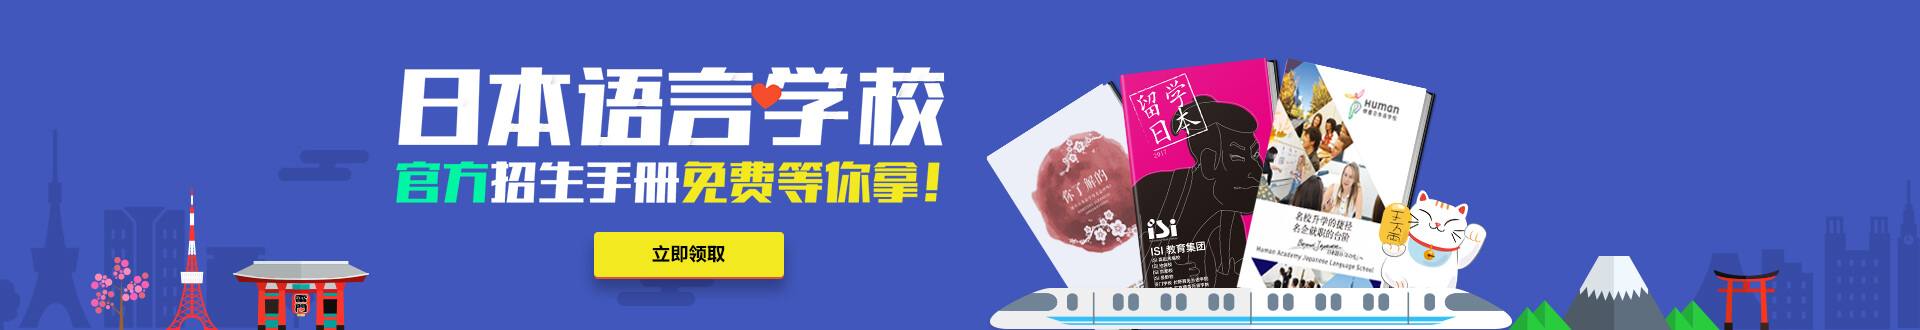 广告-韩国院校